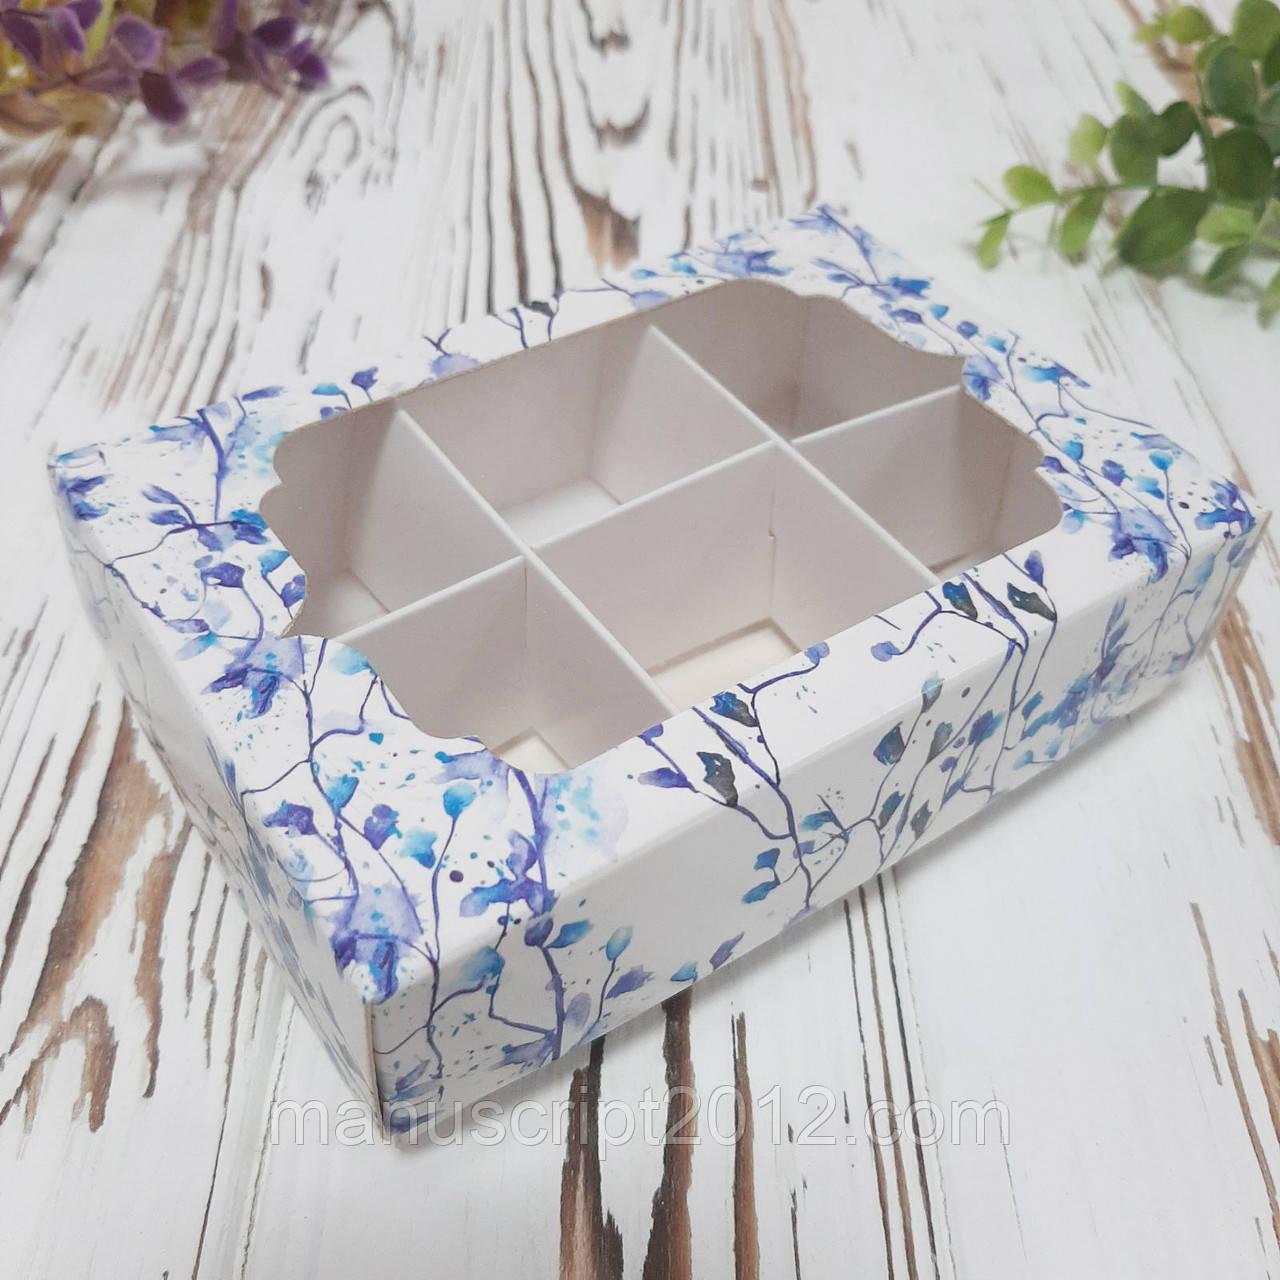 Коробка для цукерок з фігурним вікном та ложементом c блакитними квітами